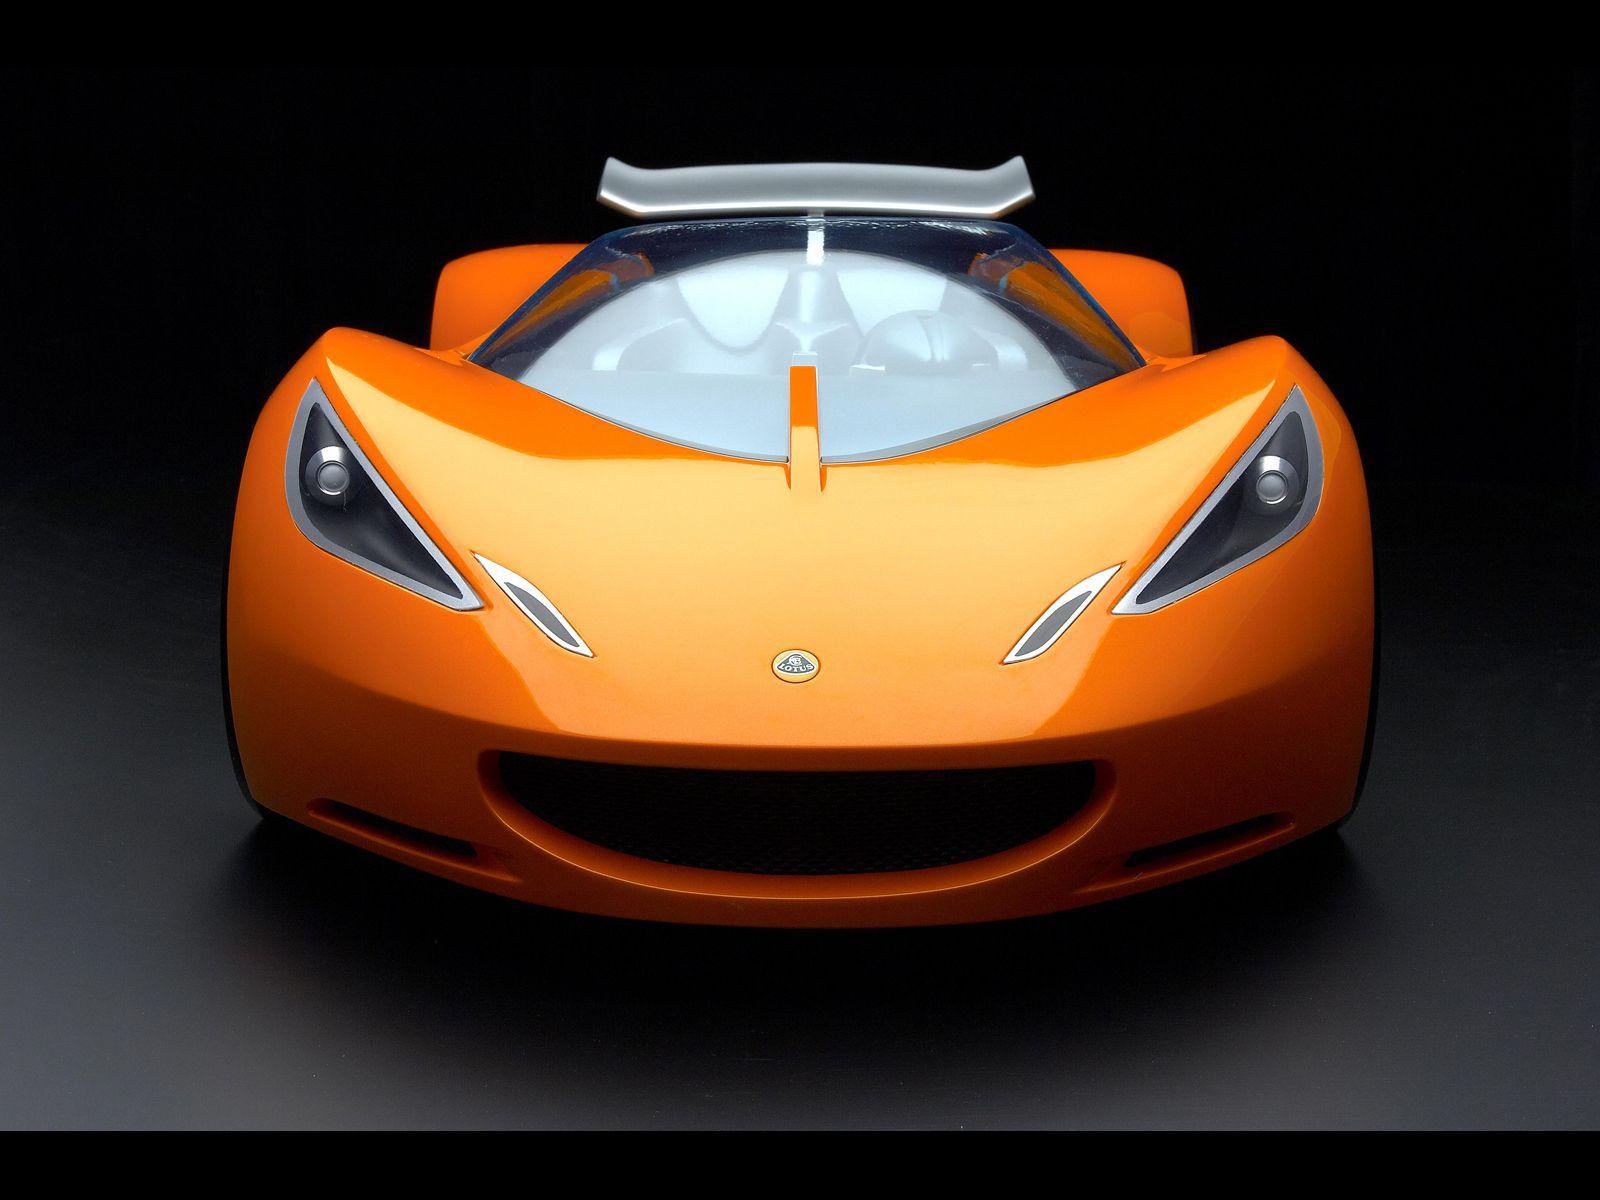 http://4.bp.blogspot.com/_yz8GU9LOiog/TOFsCBUeKHI/AAAAAAAAApo/Umfw0VjDWi0/s1600/lotus-hot-wheels-concept-02.jpg